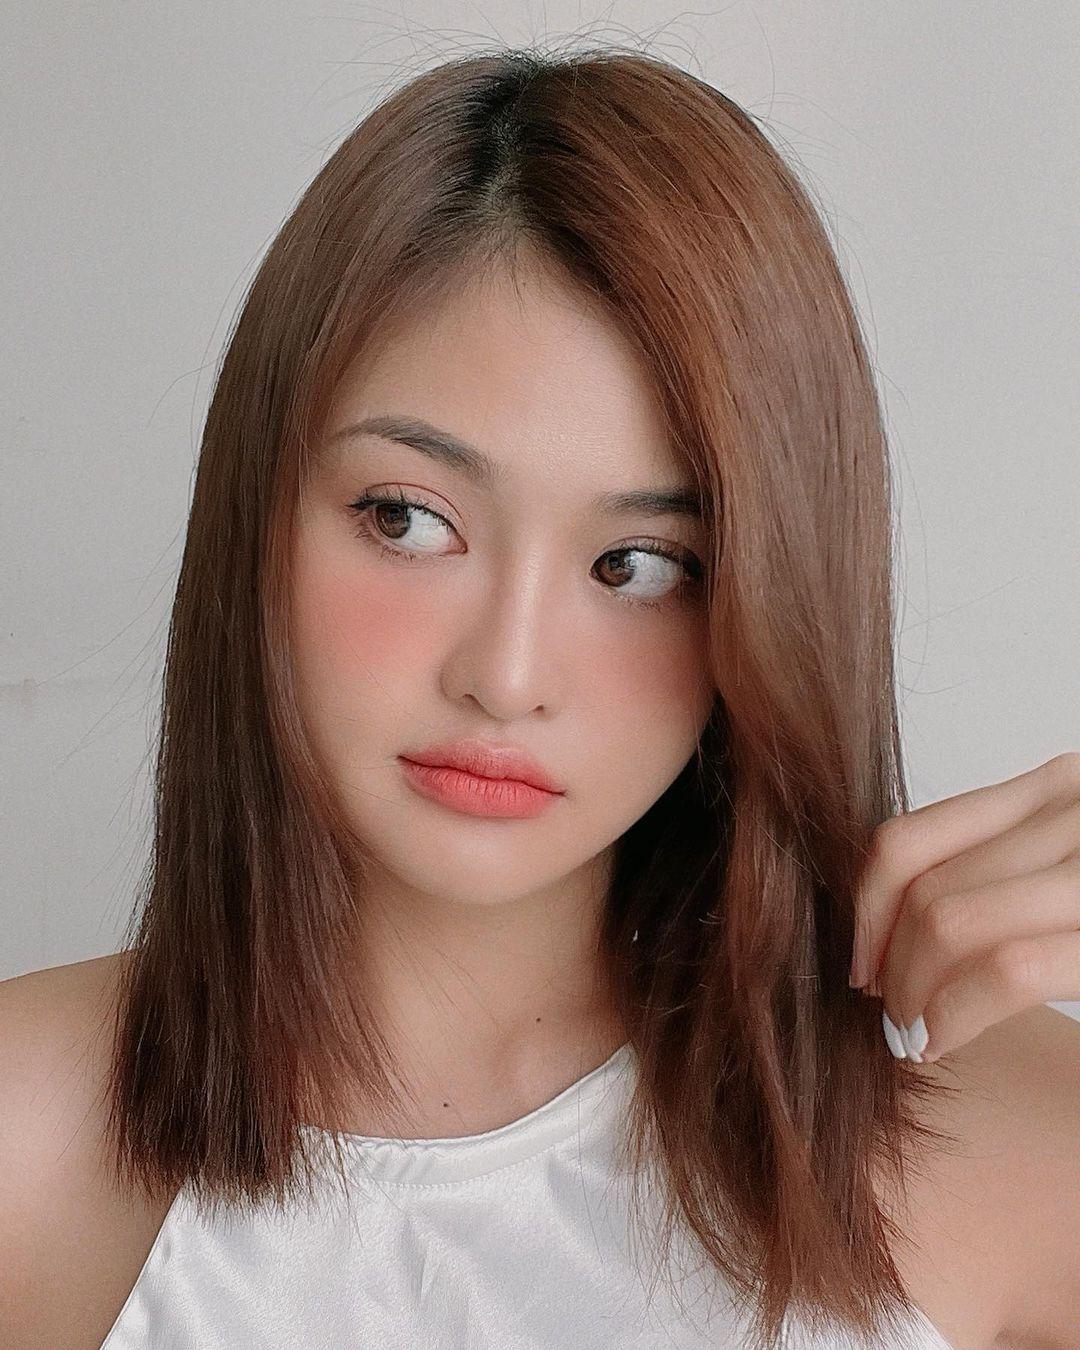 5 mỹ nhân Việt để tóc ngắn xuất sắc nhất: Ngắm là muốn cắt phăng mái tóc dài, nàng 30+ tìm được nhiều kiểu siêu hợp - Ảnh 16